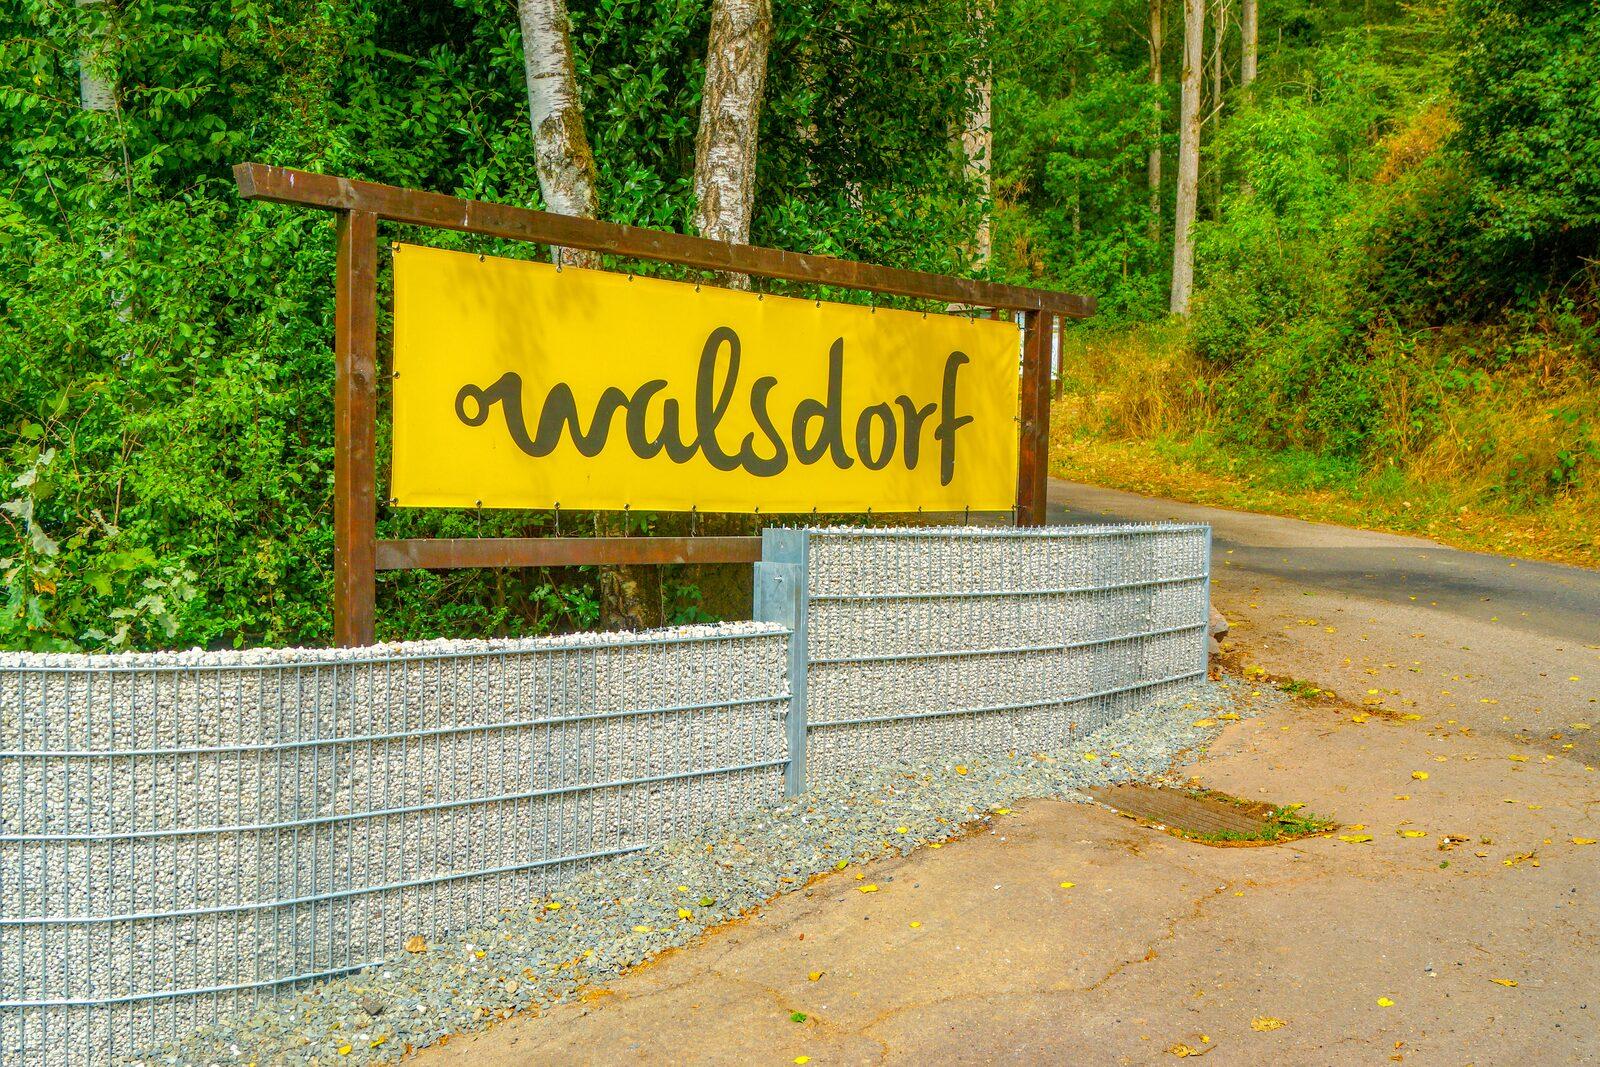 Walsdorf logo